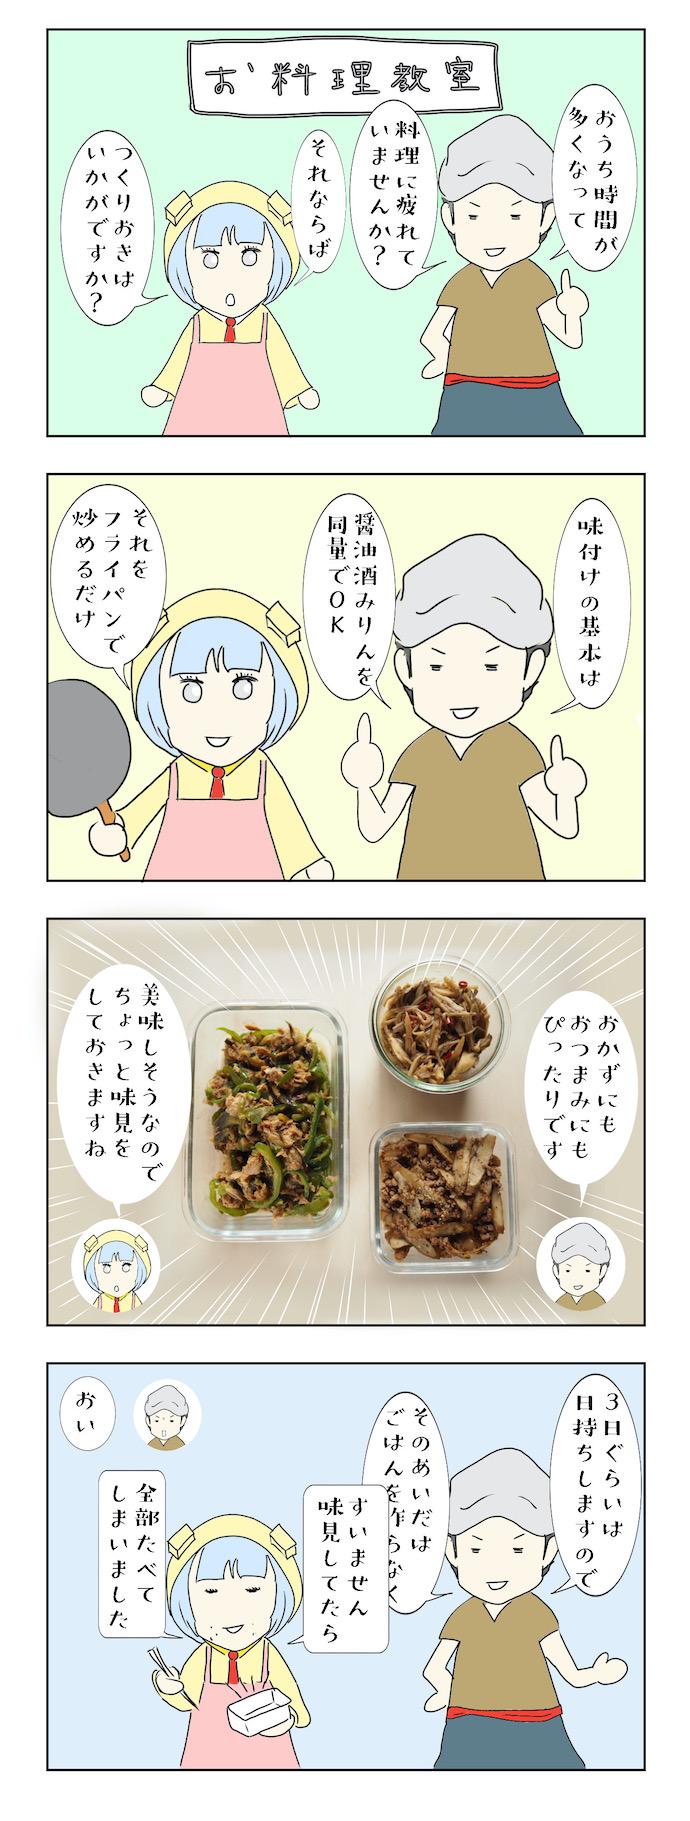 kimura_2005B_01